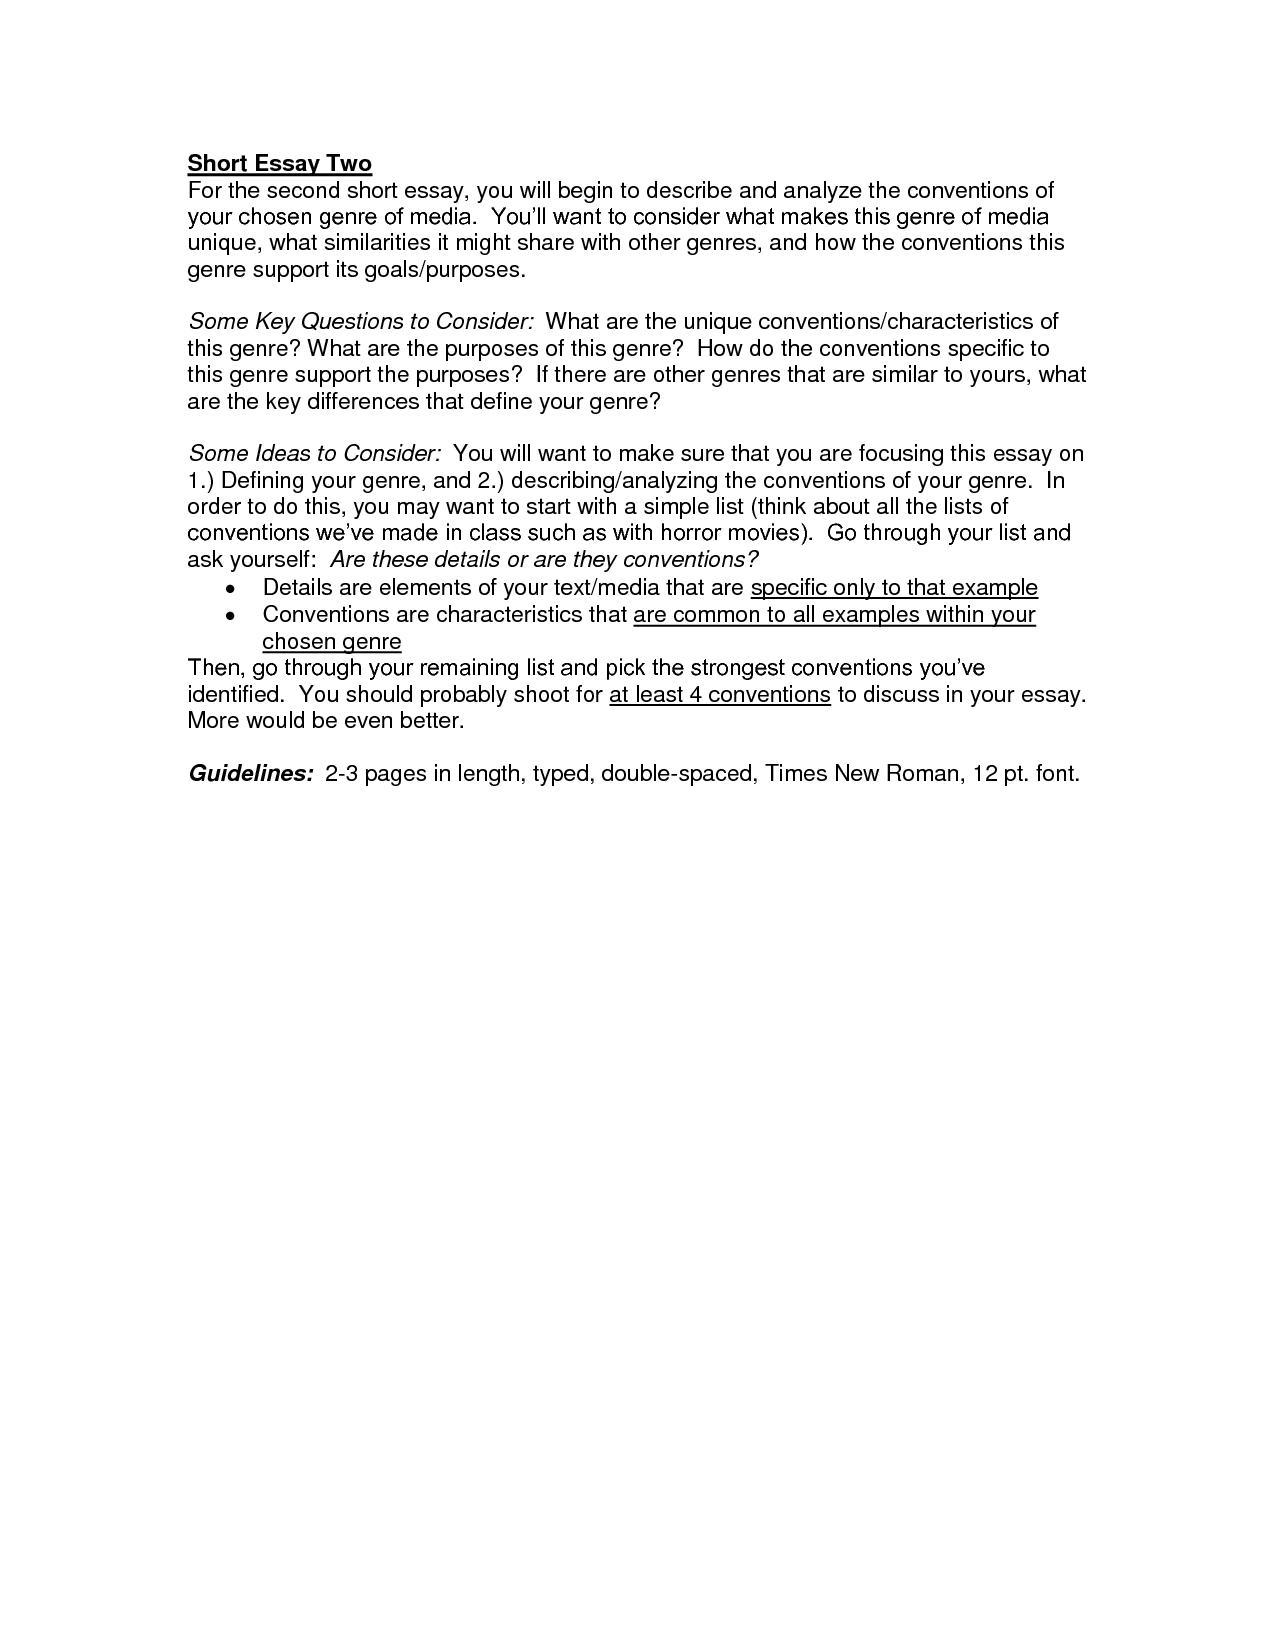 School Life Essay In English Essay On My School Life For